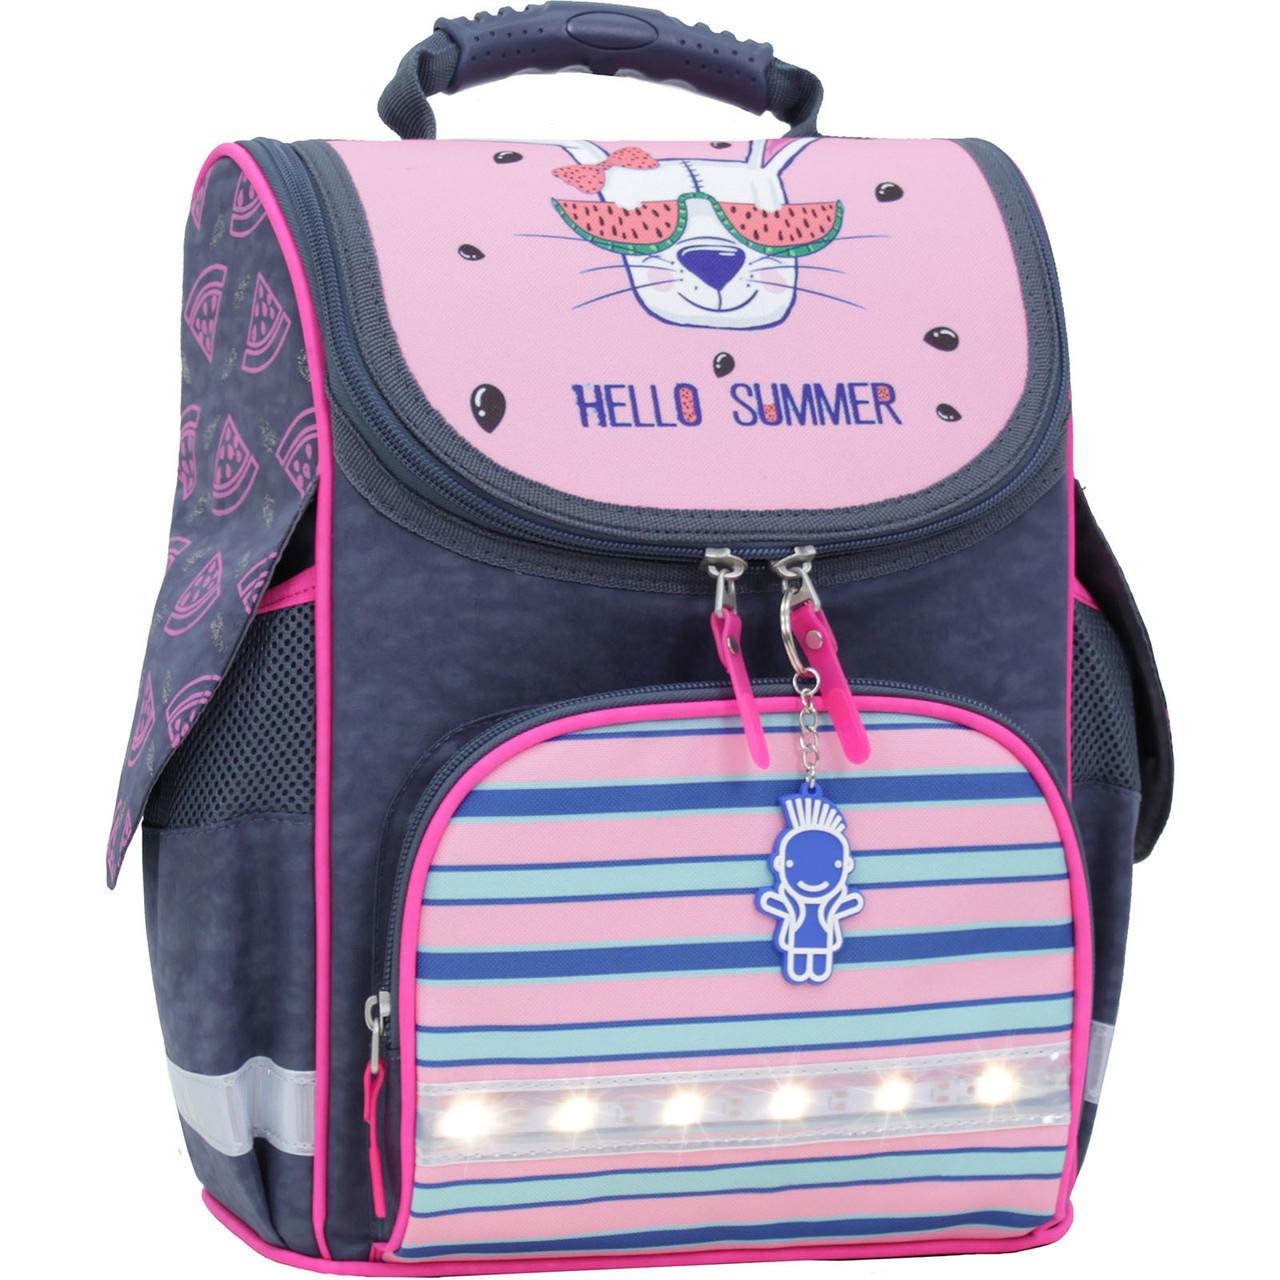 c23dbe3d328c Рюкзак школьный каркасный с фонариками Bagland Успех 12 литров серый 204к  (00551703)